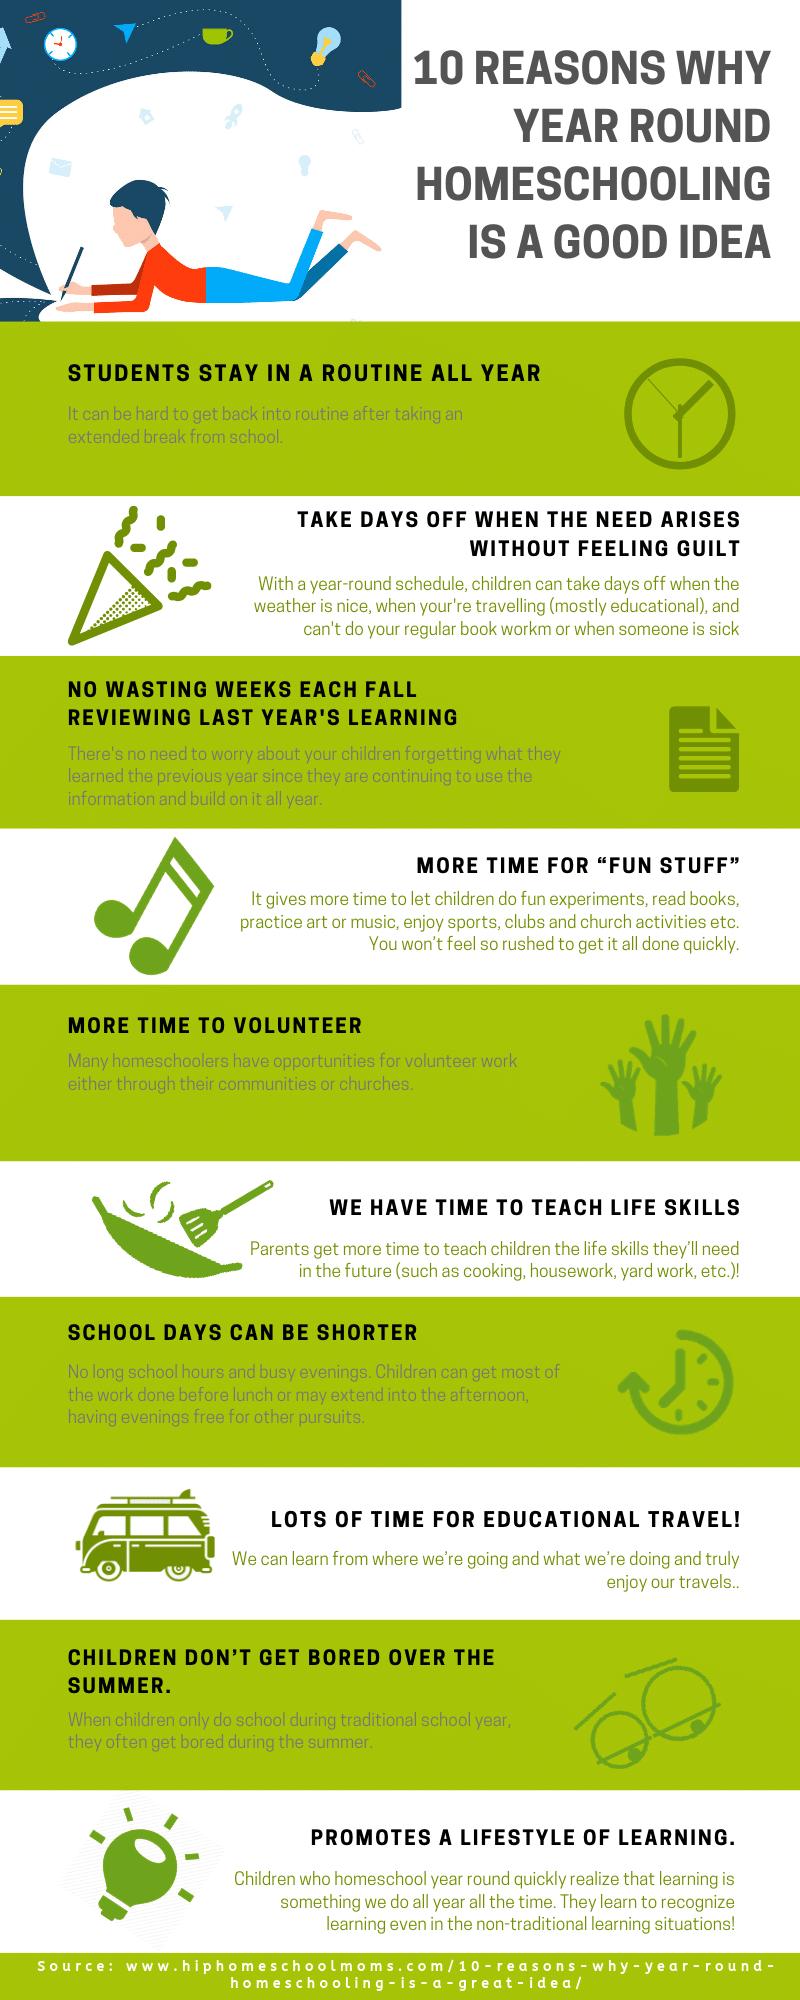 reasons to homeschool year round